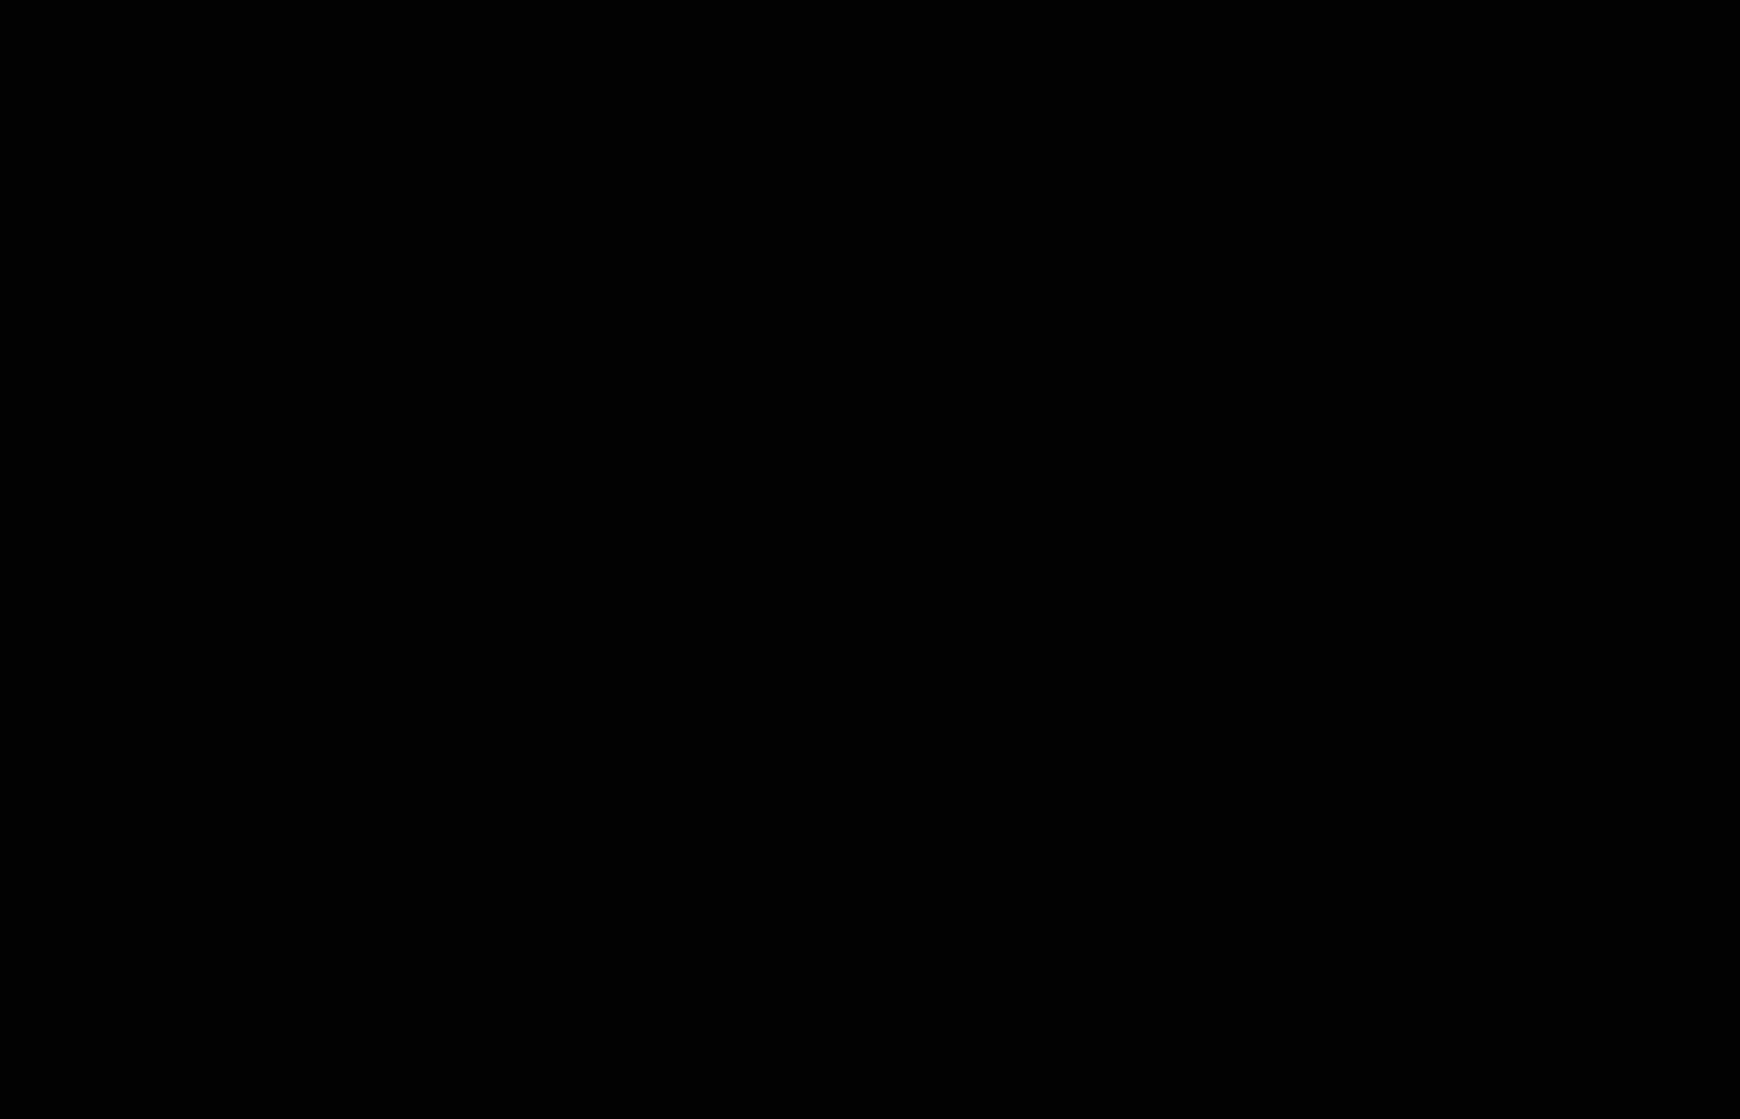 dsc2848